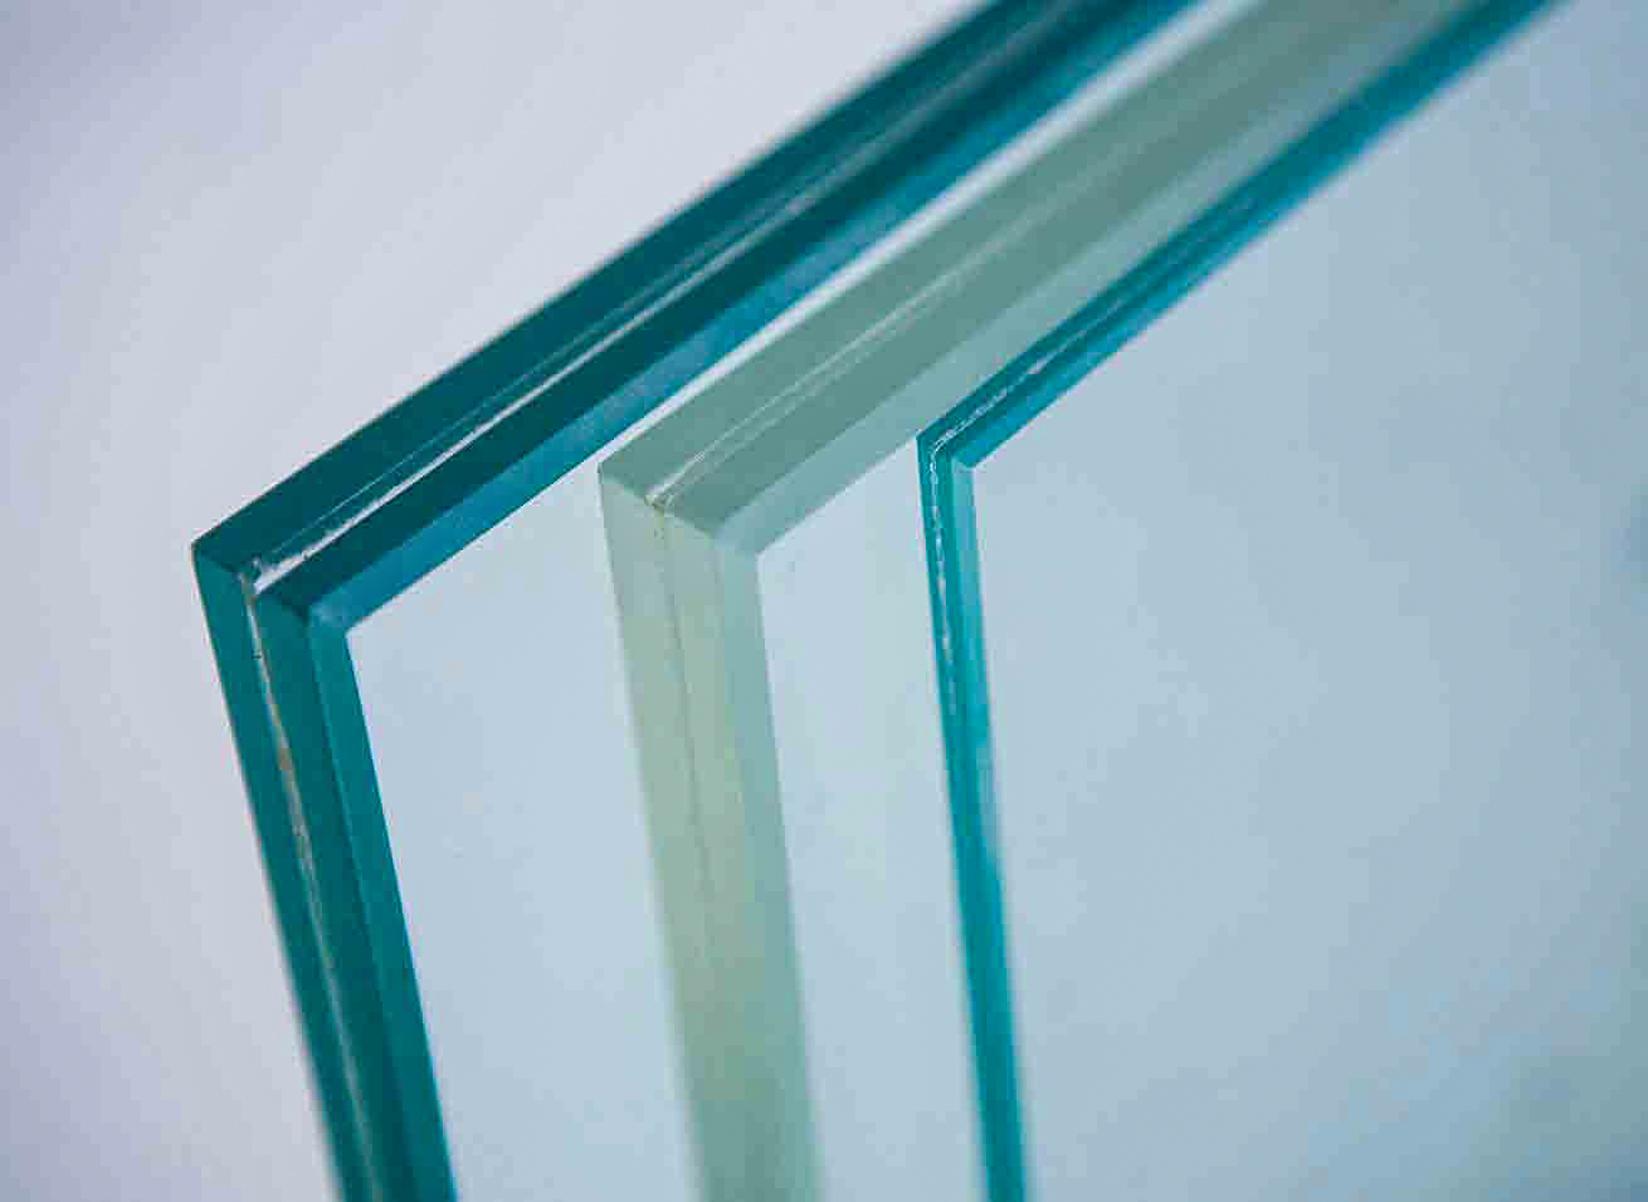 Các loại kính và cấu tạo các loại kính dùng trong xây dựng 2